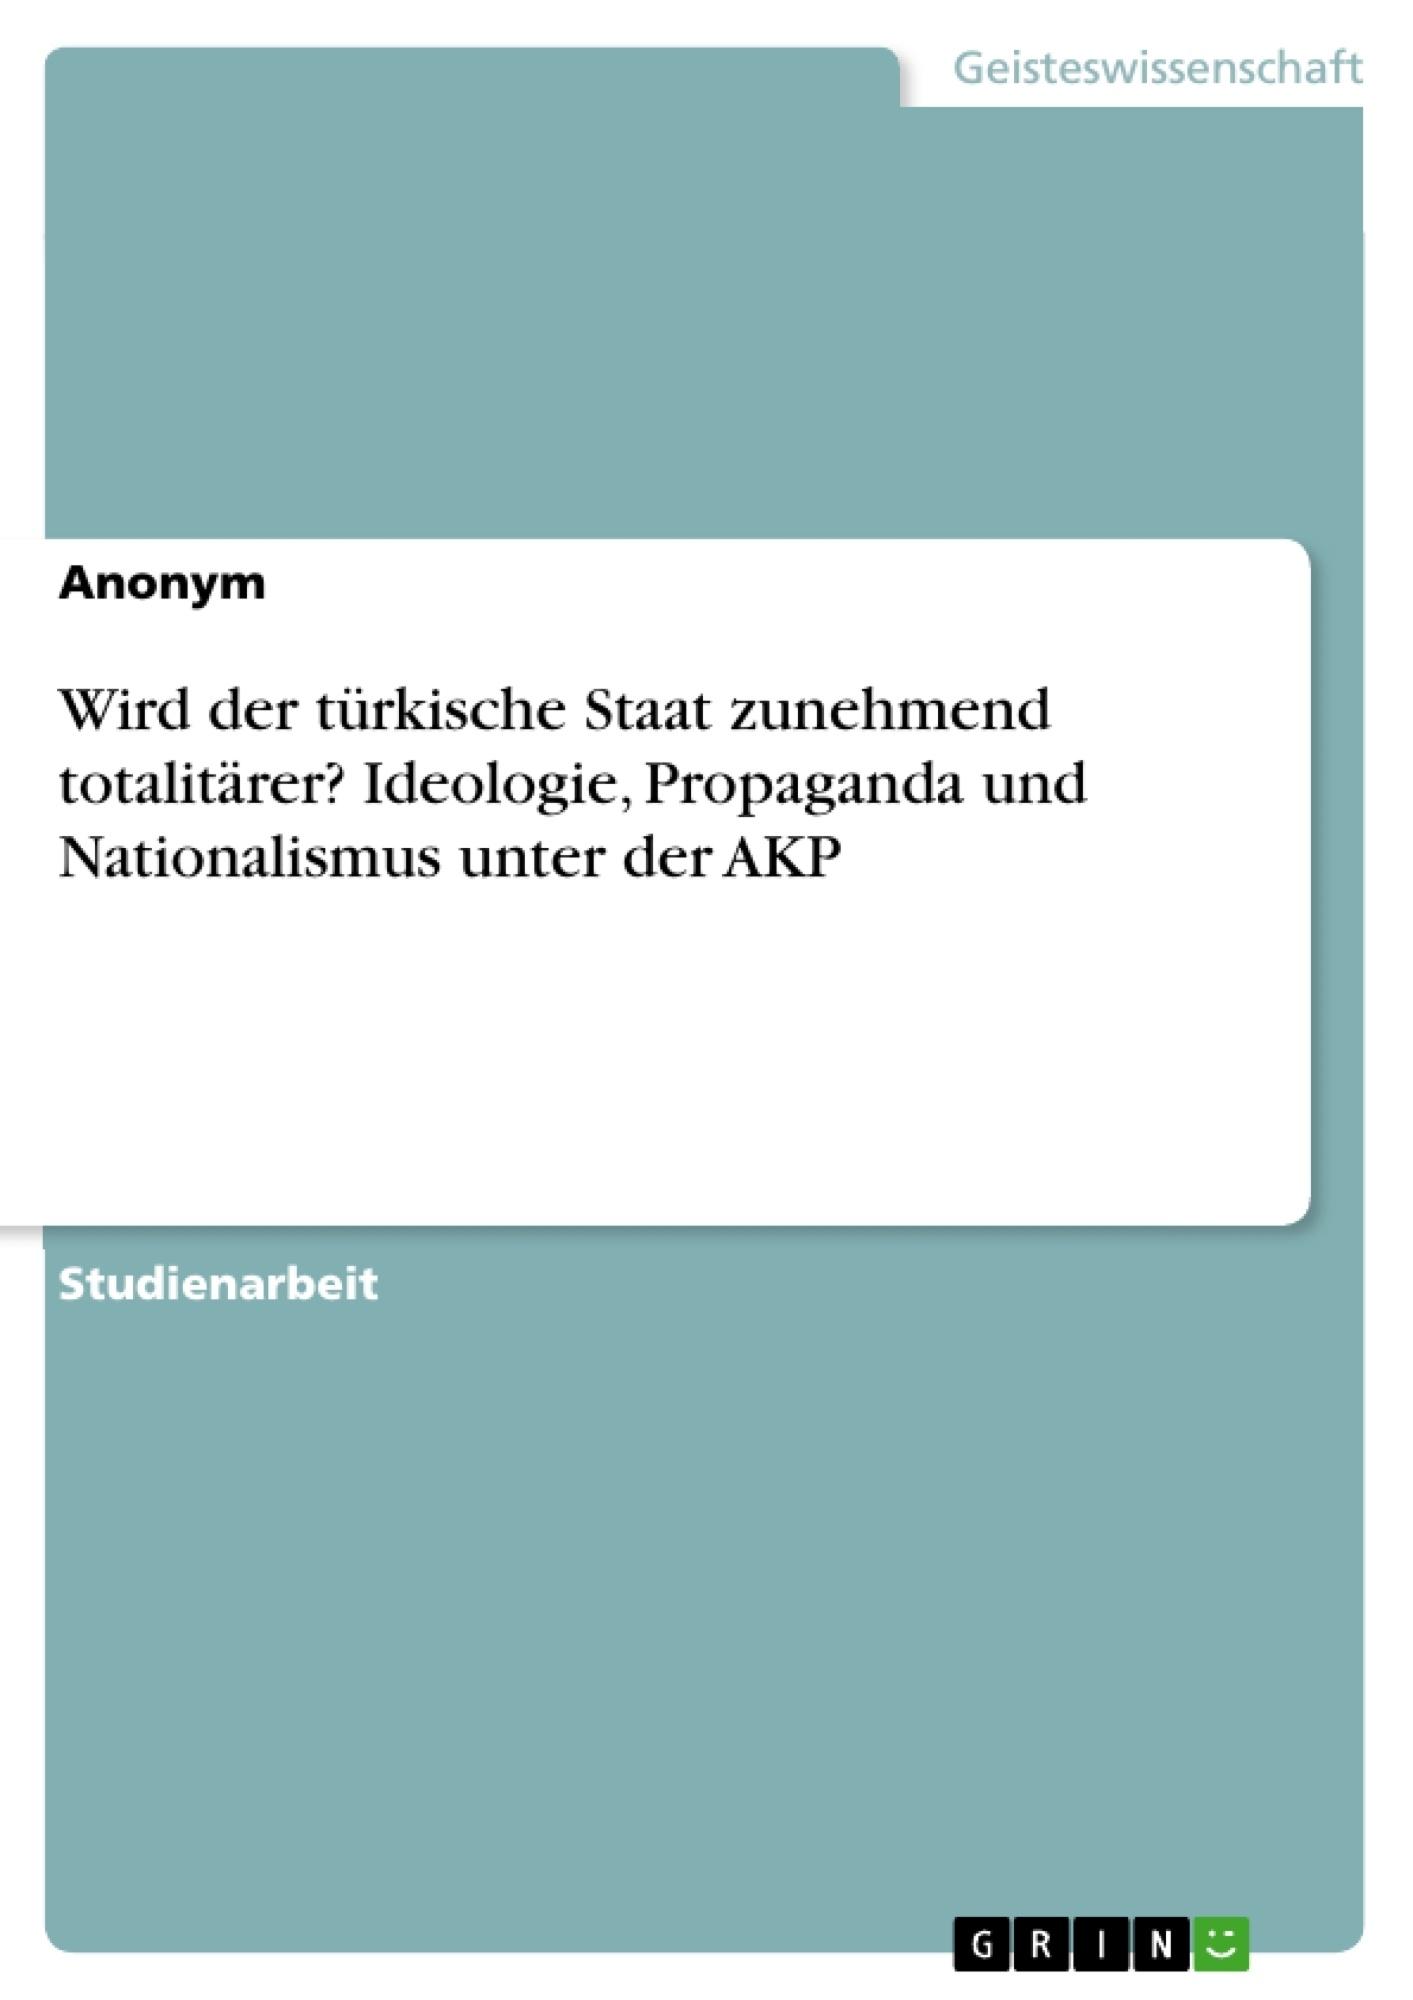 Titel: Wird der türkische Staat zunehmend totalitärer? Ideologie, Propaganda und Nationalismus unter der AKP